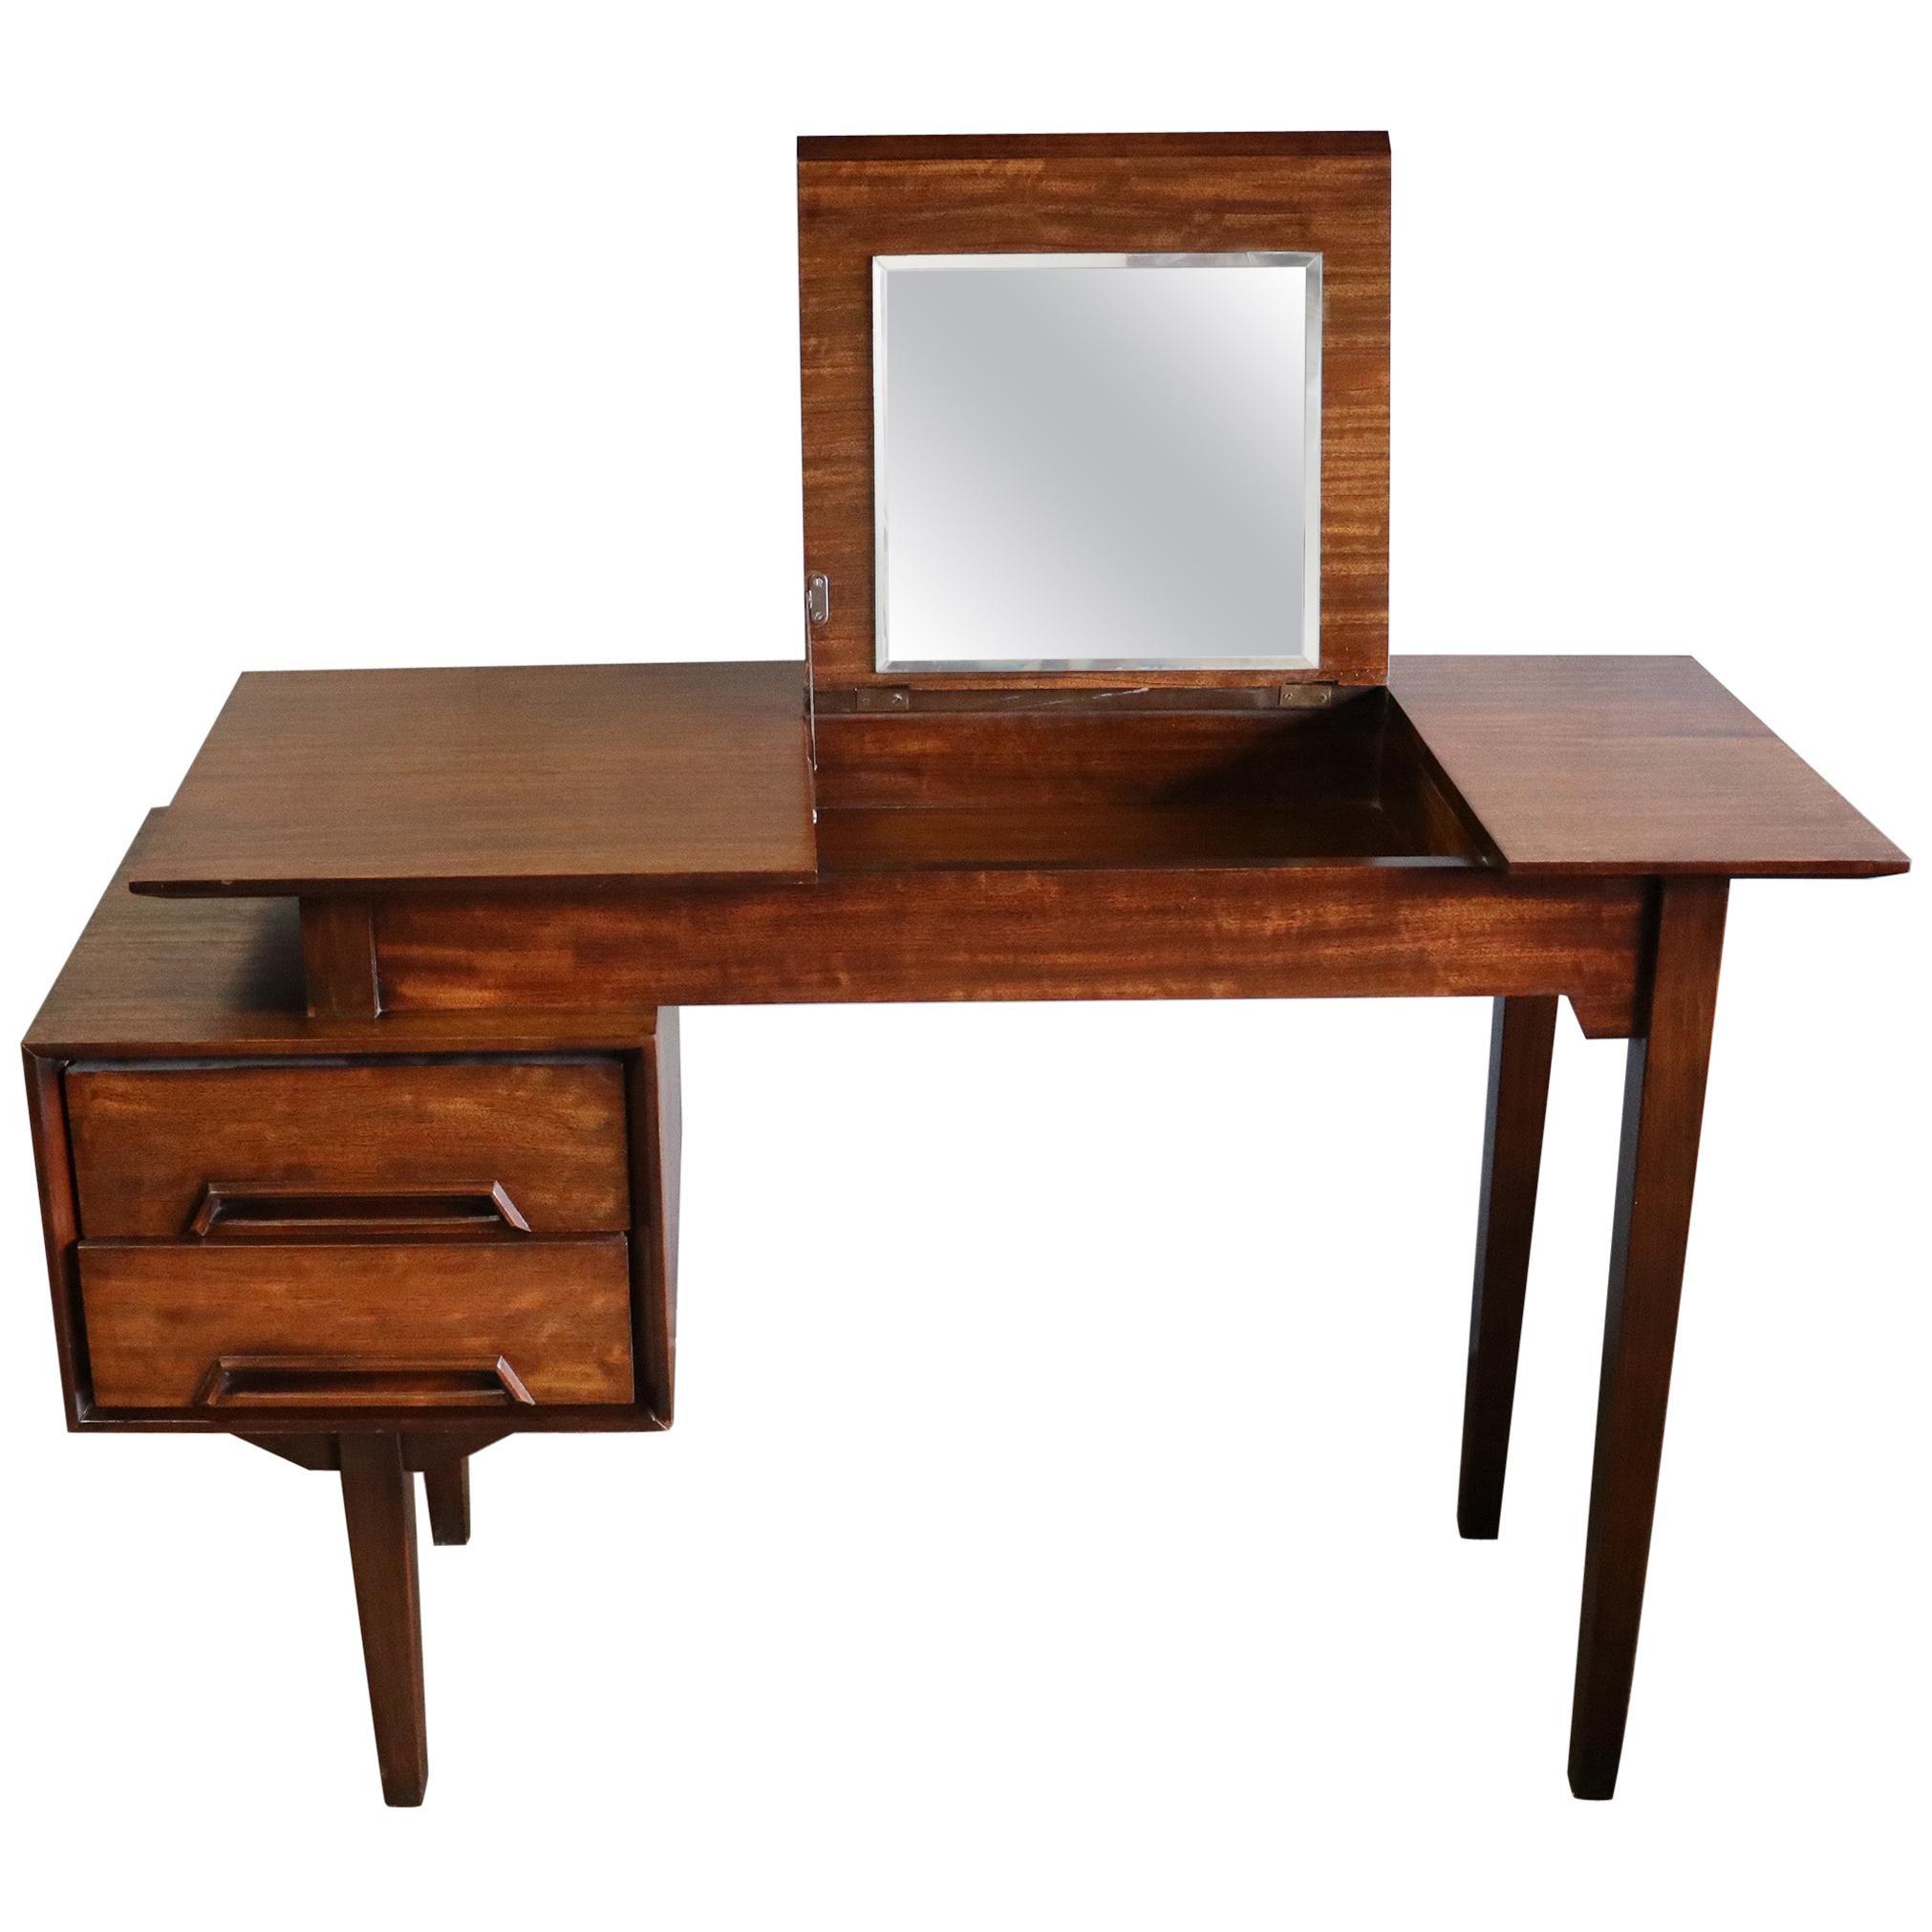 Midcentury Milo Baughman Desk Vanity Perspective for Drexel